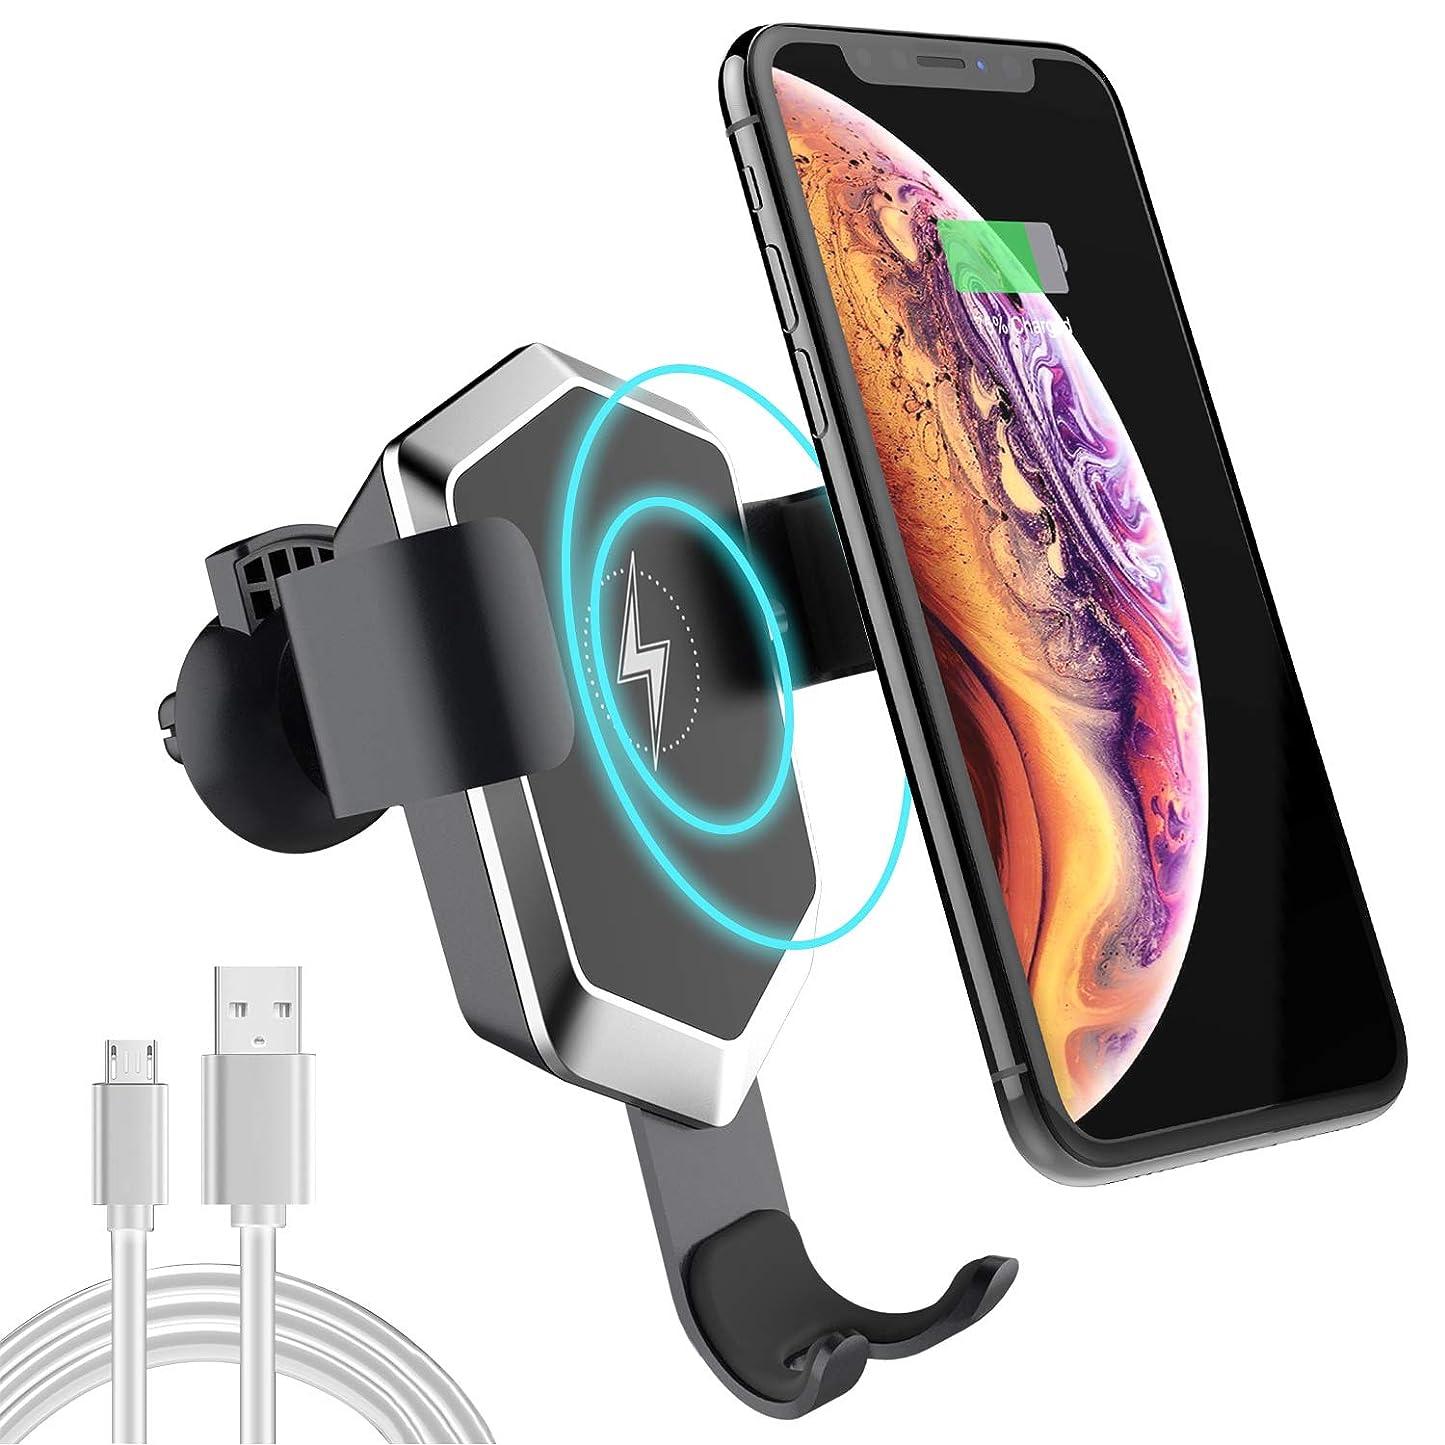 振りかける熟したリア王車載ホルダー Qi ワイヤレス充電器 10W/7.5W/5W 急速充電 1年保証 QC3.0/2.0 360°回転 置くだけ 重力連鎖 片手操作 iPhone充電器 スマホホルダー 携帯ホルダー 車 iPhone X/XR/8/8 Plus/Samsungなど対応